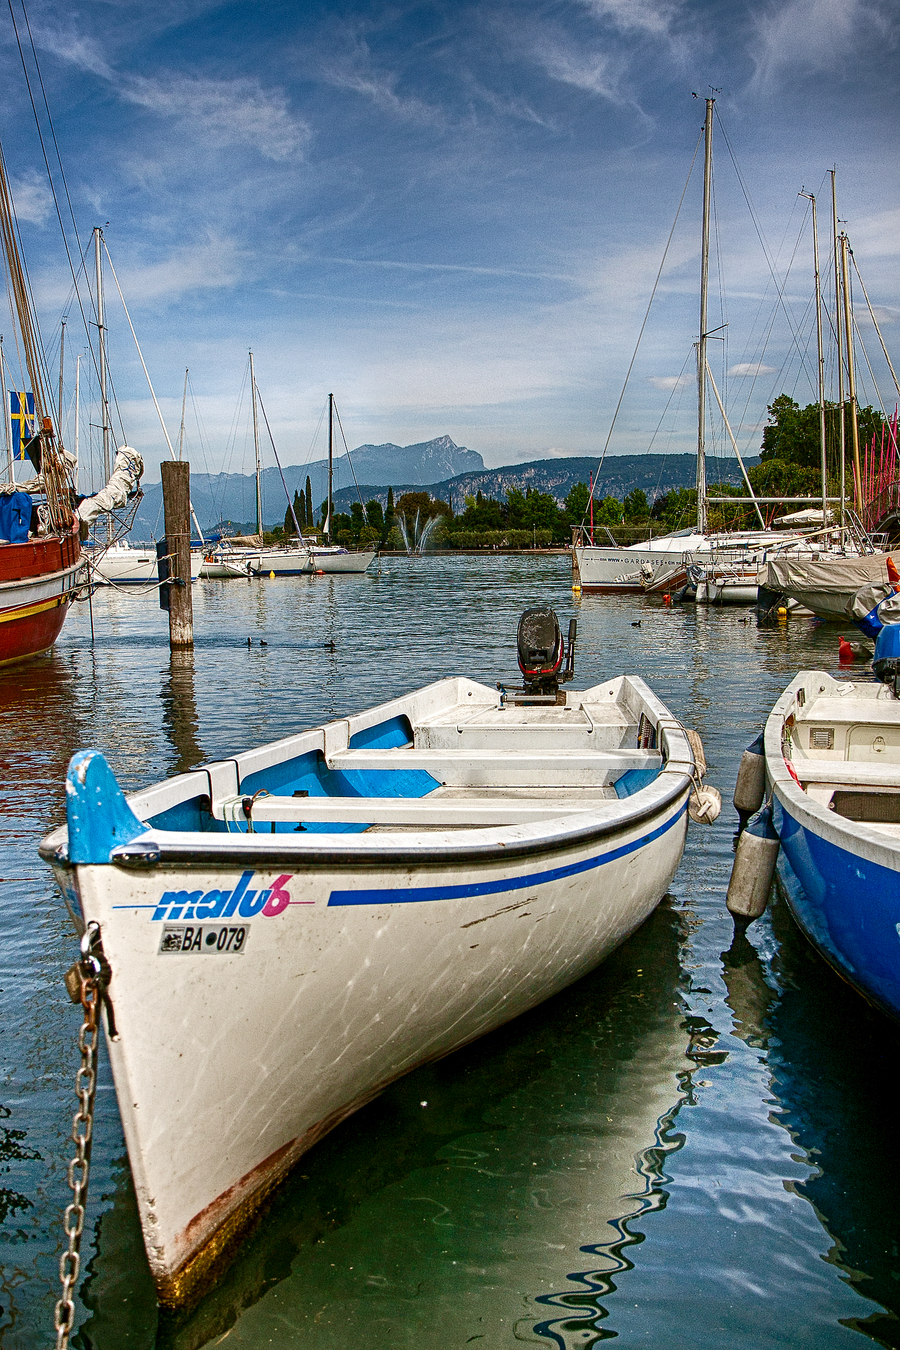 Italien17 bardolino fischerboot hdr